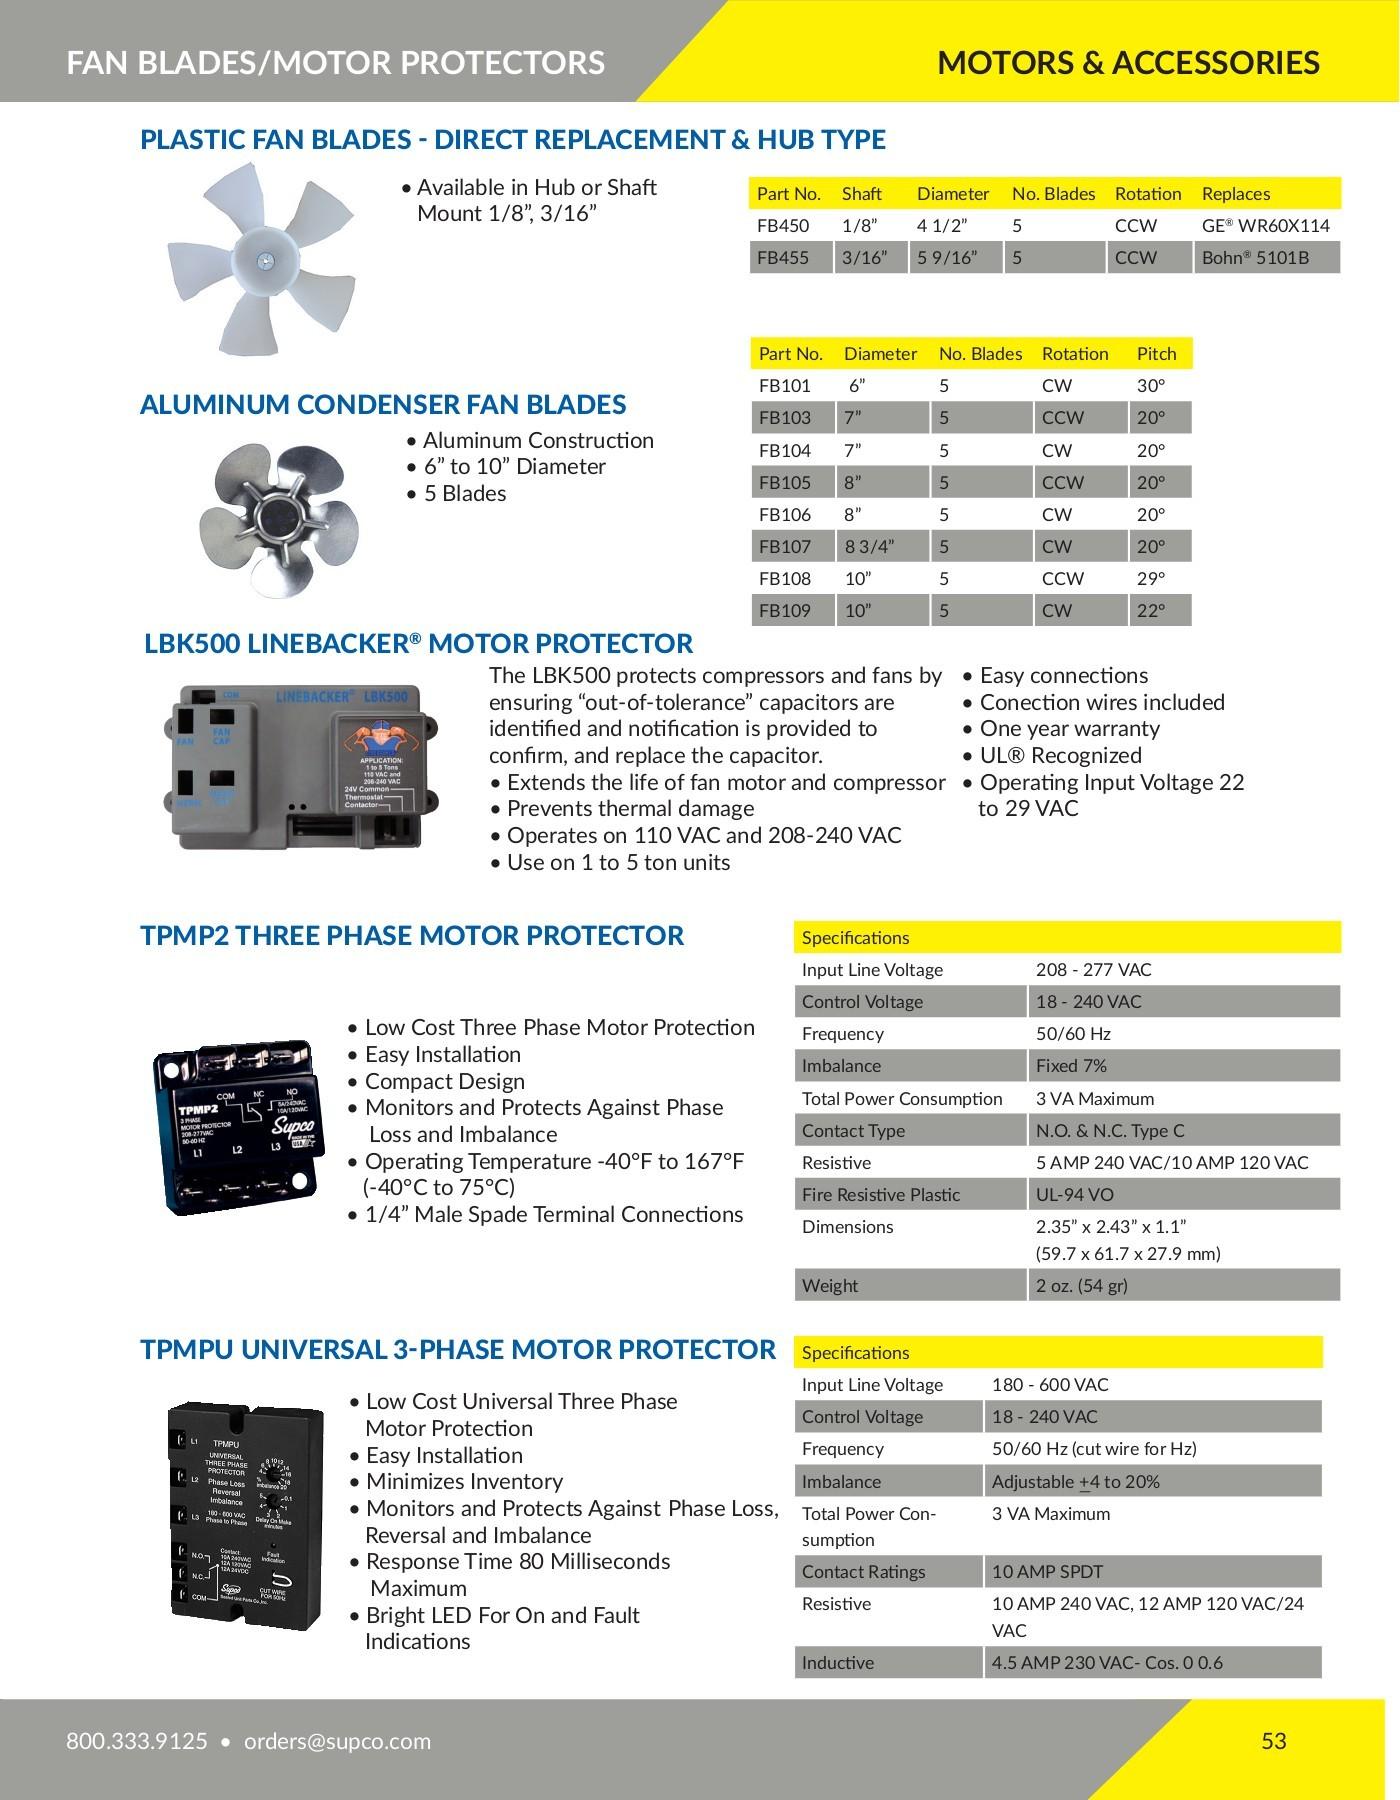 Supco AX78 Orginal Replacement Parts